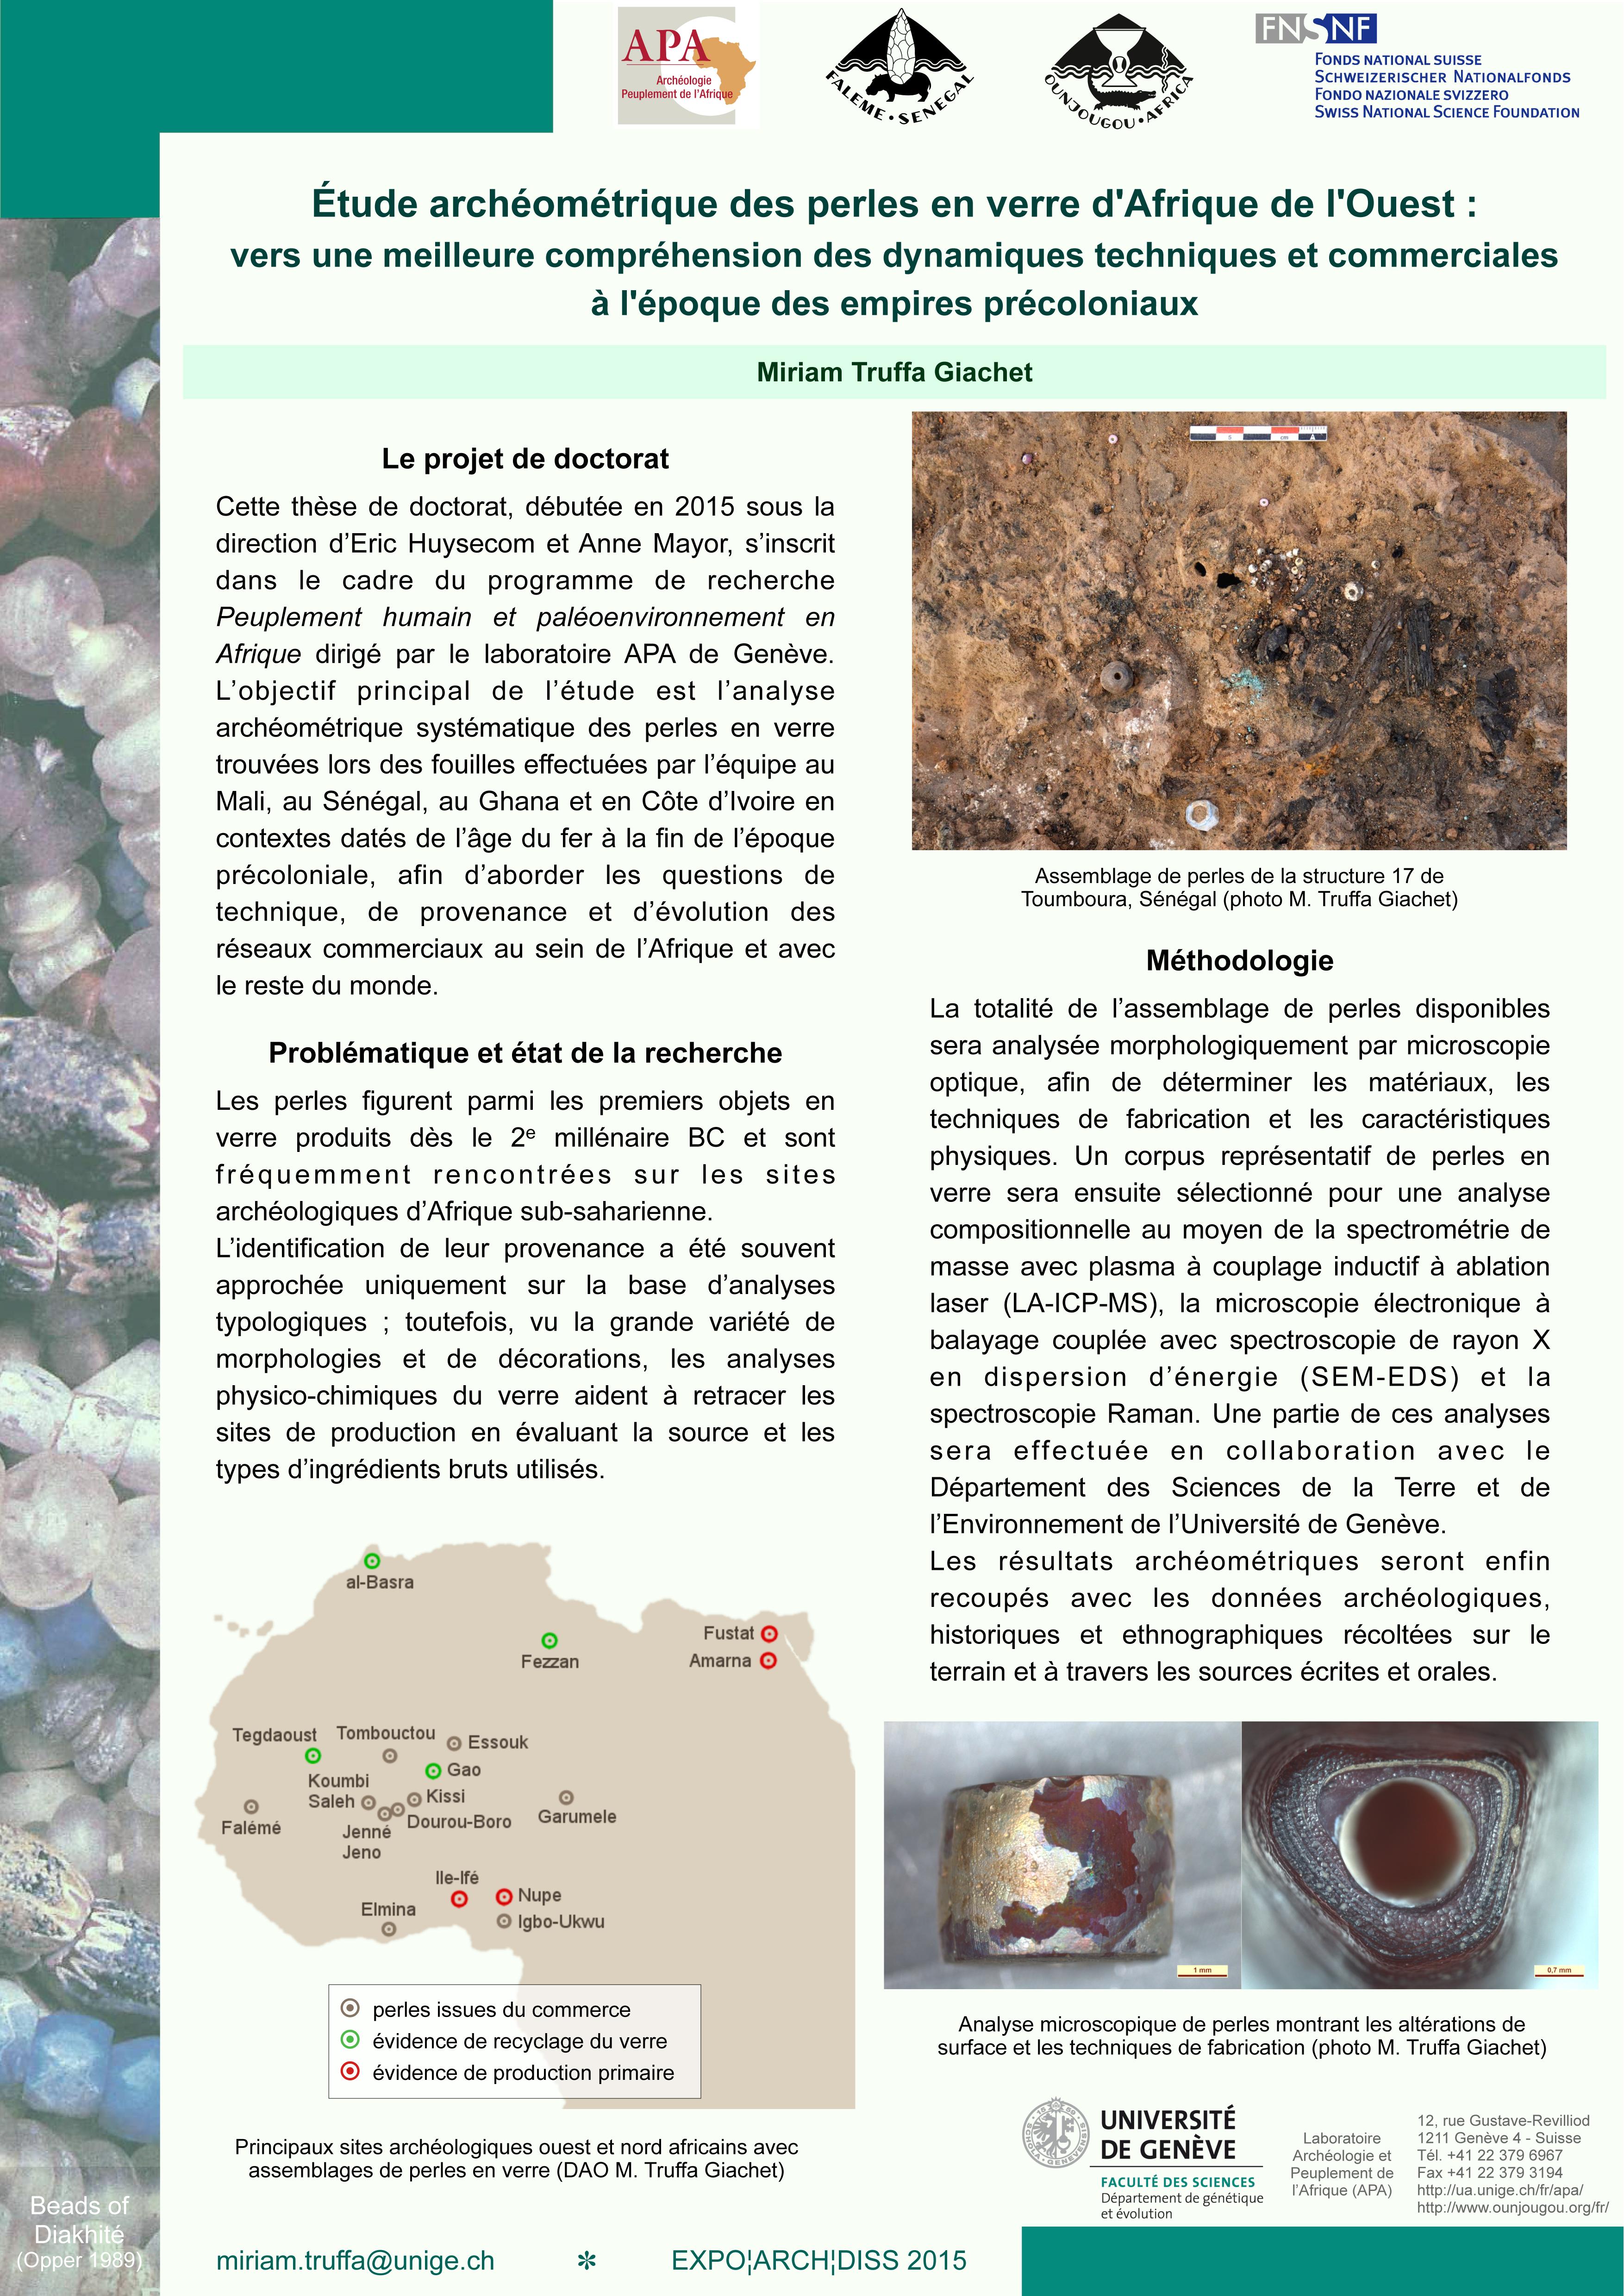 Miriam TRUFFA GIACHET: Étude archéométrique des perles en verre d'Afrique de l'Ouest : vers une meilleure compréhension des dynamiques techniques et commerciales à l'époque des empires précoloniaux.